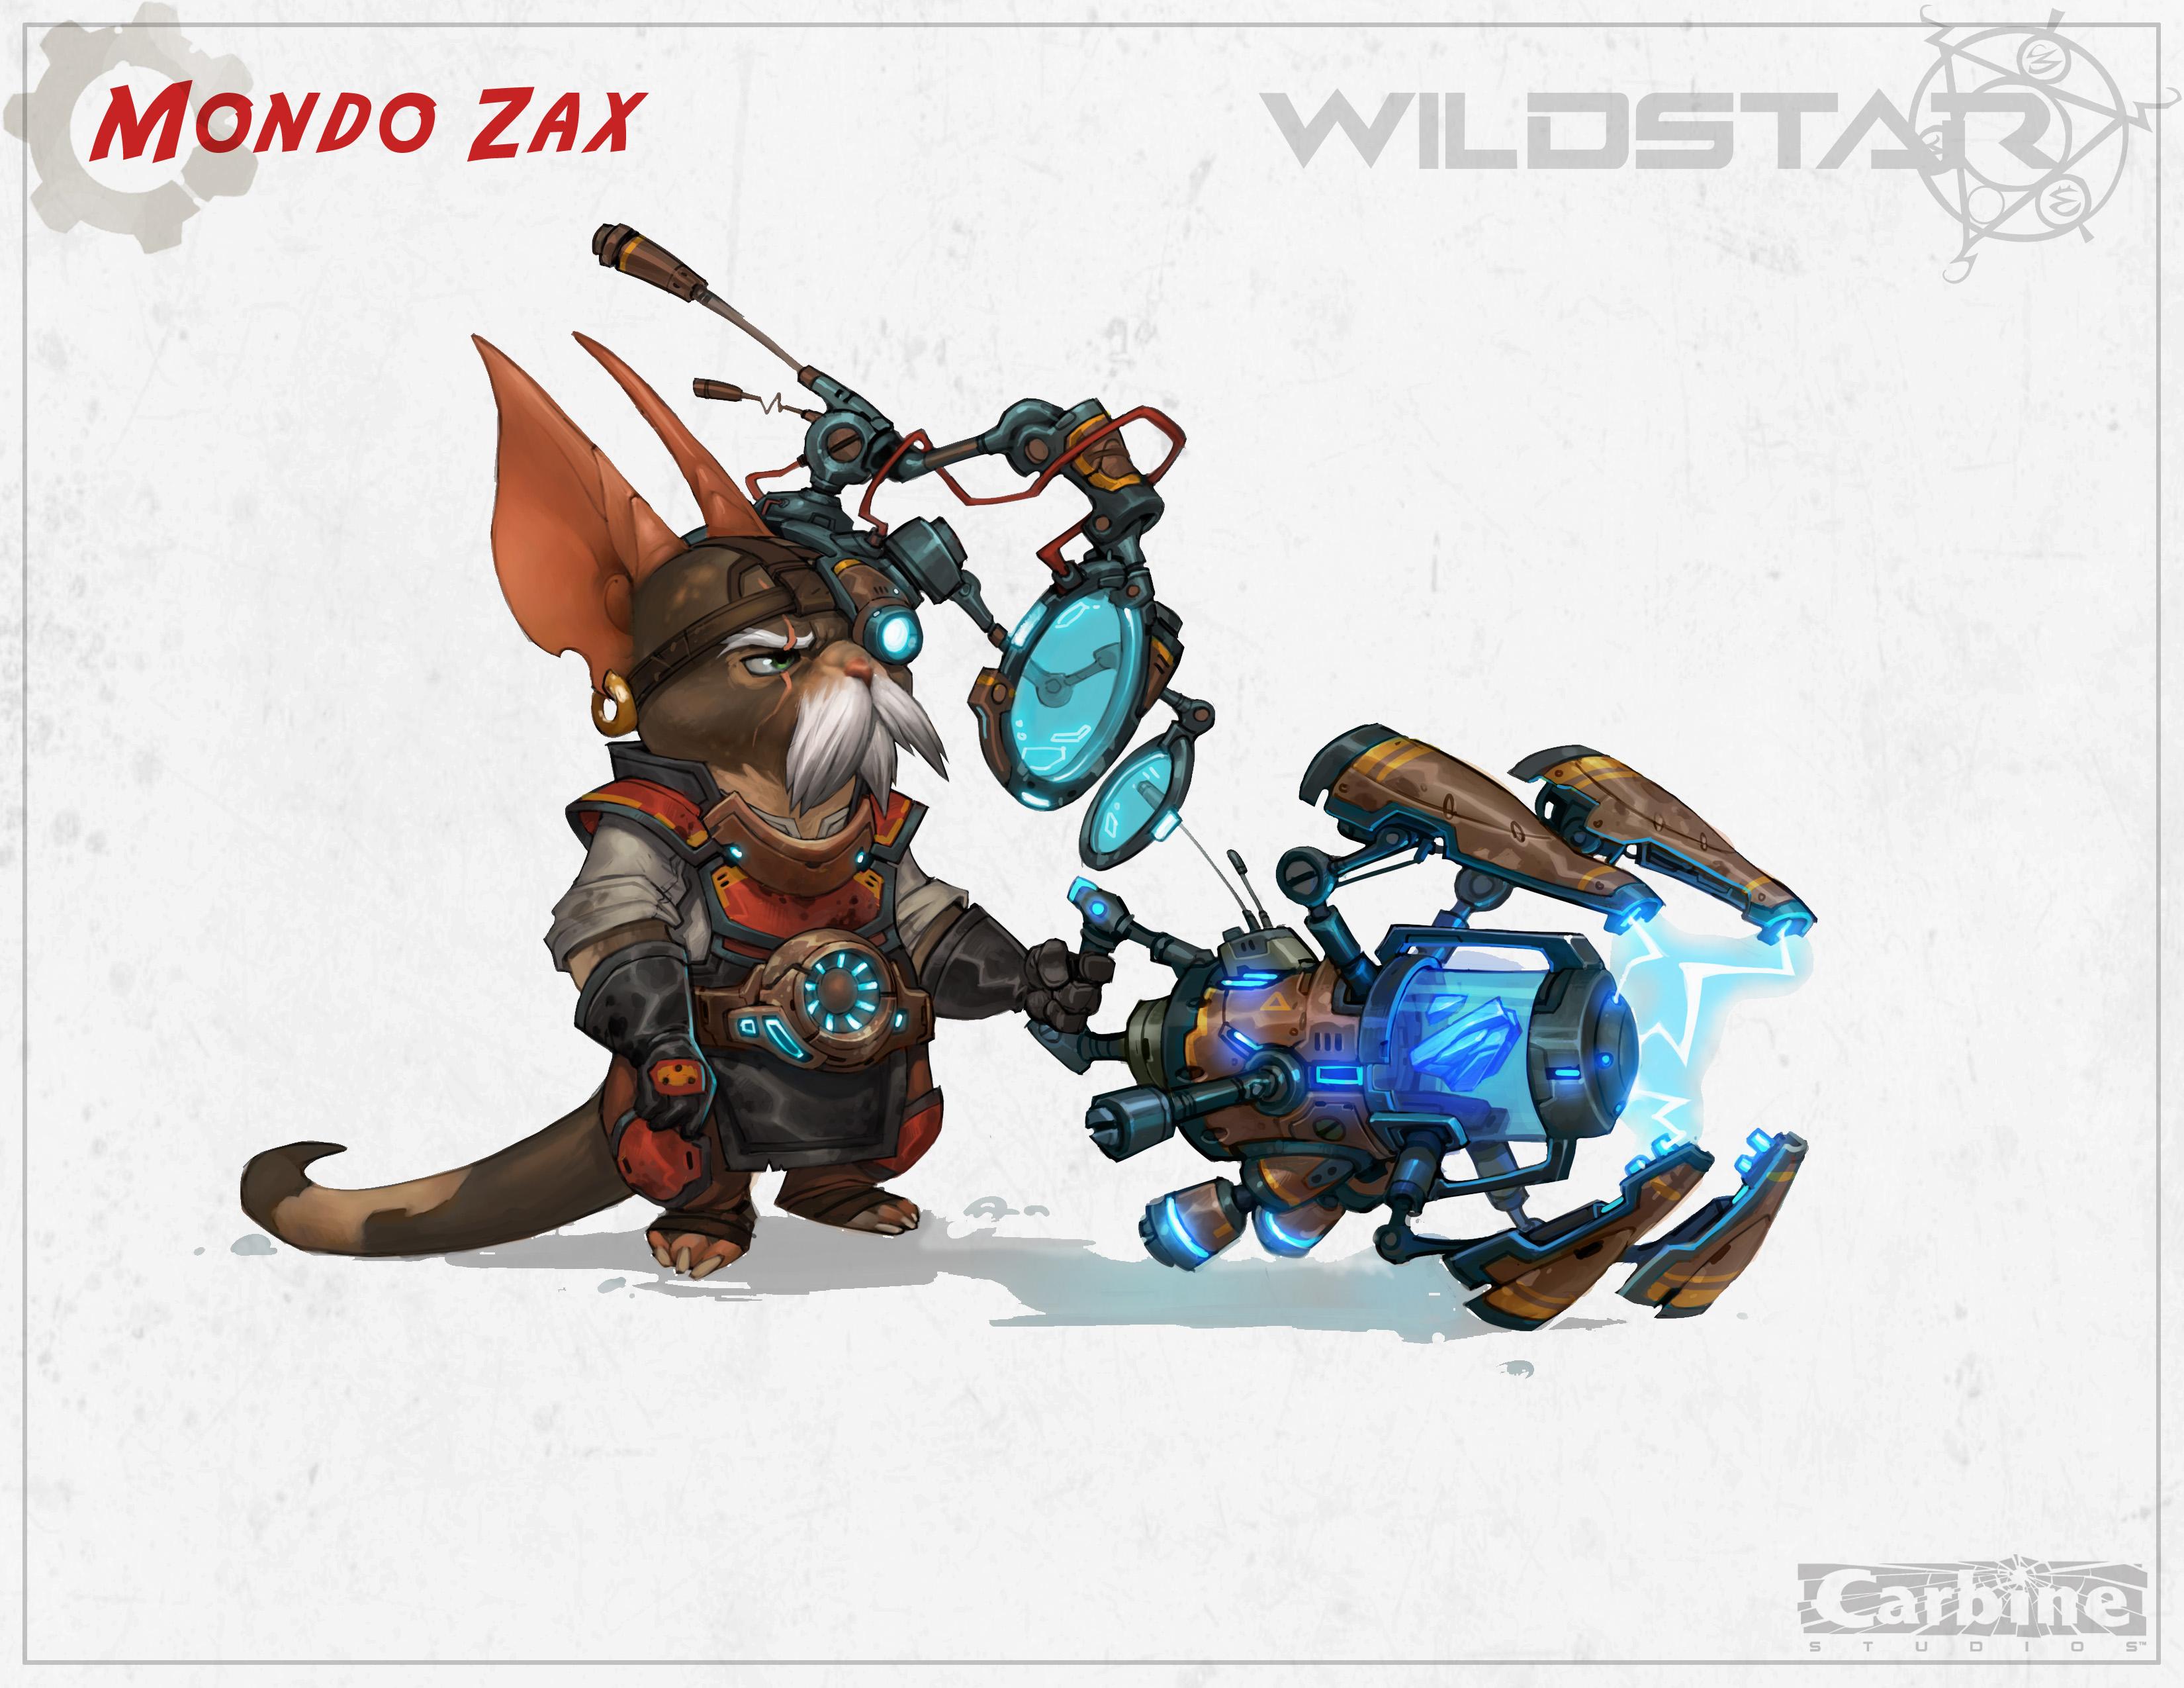 WildStar: Irgendwie beruhigend – Mondo Zax schafft es in MOBA-Star-Auswahl des Publishers